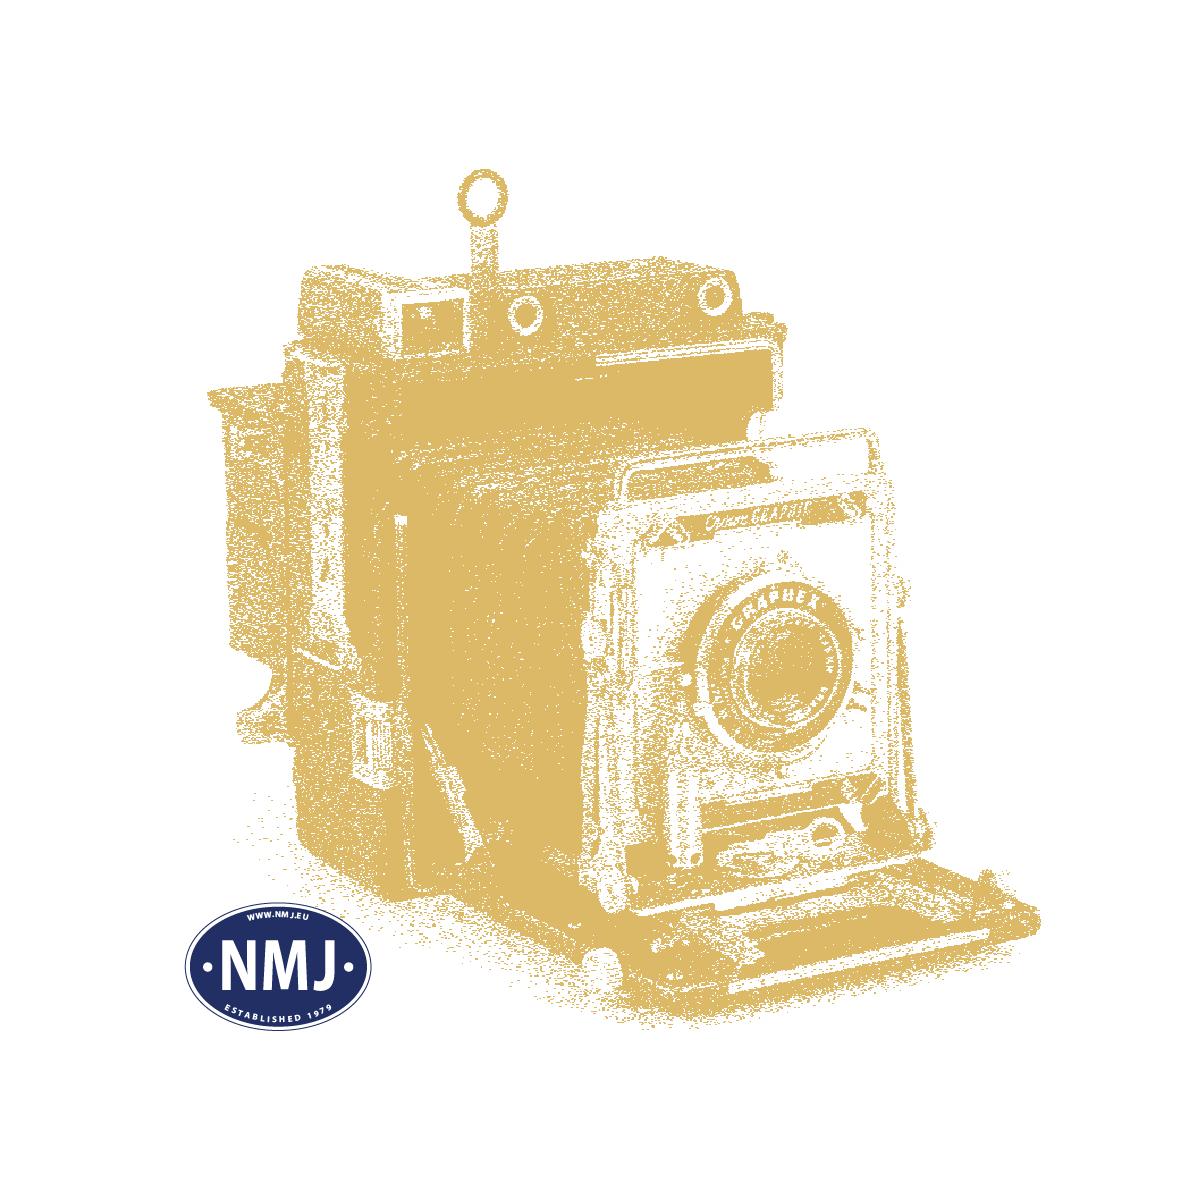 NMJT81.992 - NMJ Topline 4 teiliges Beleuchtungset für BM73,